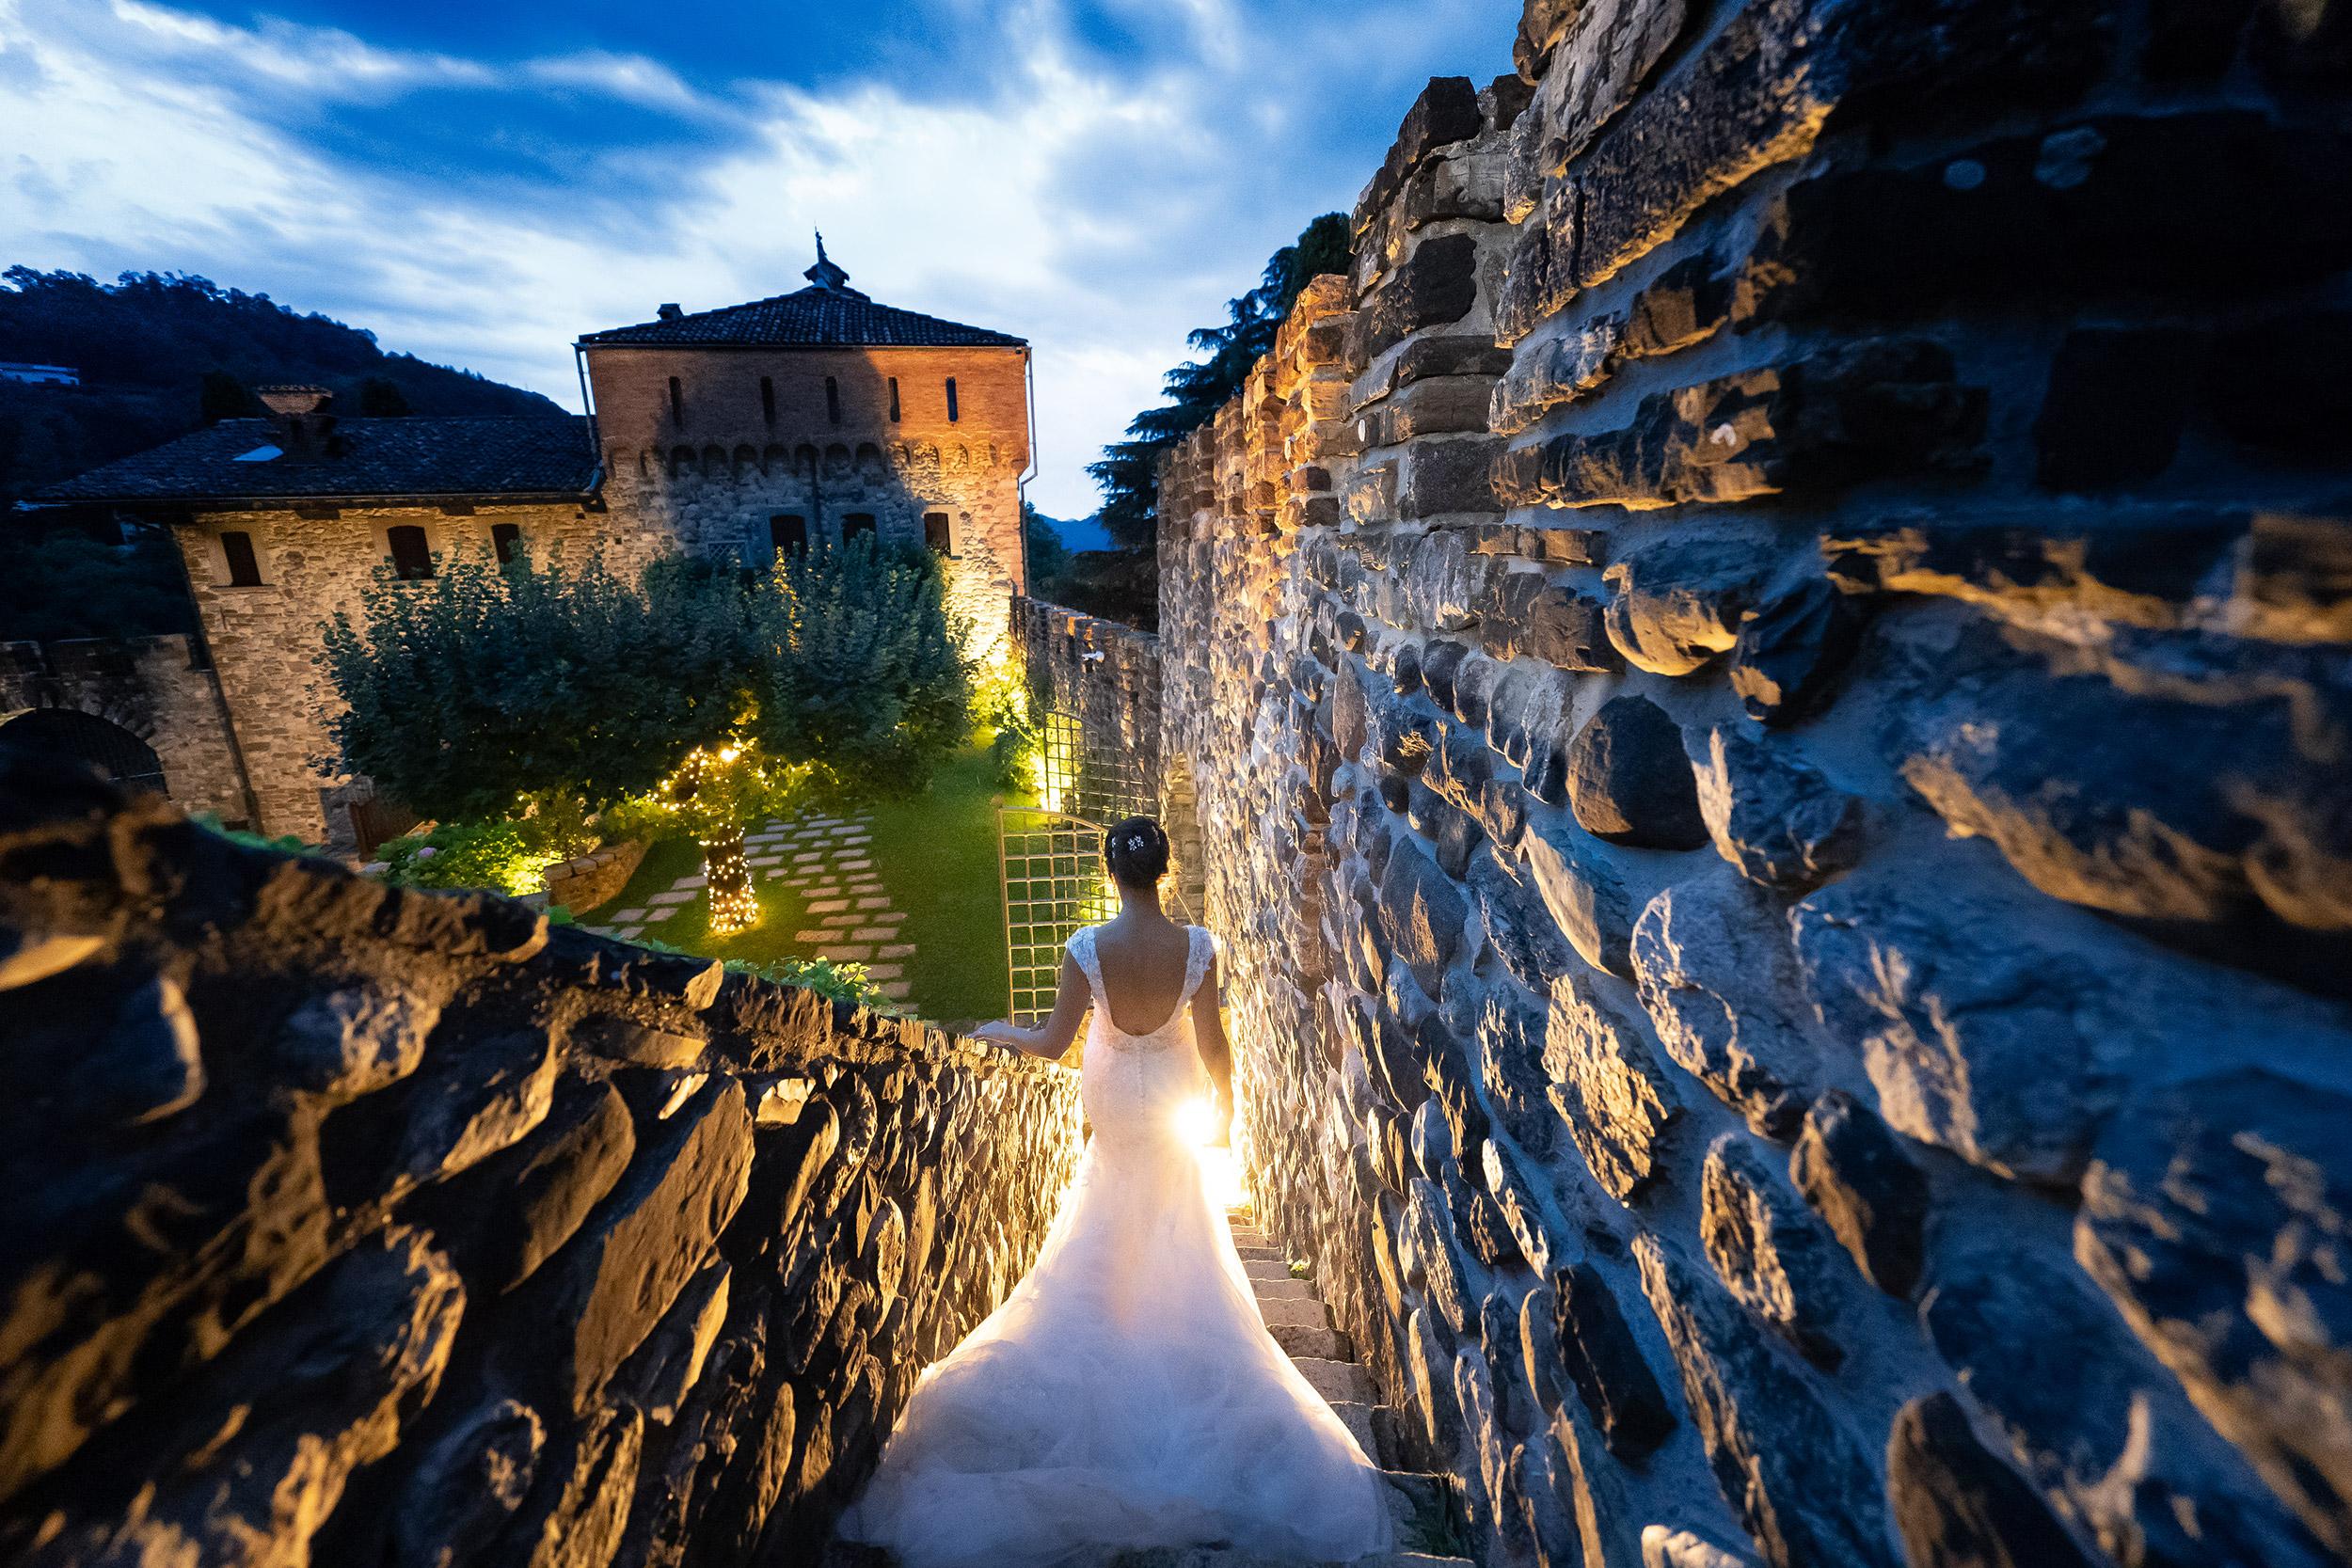 000 fotografo matrimonio reportage real wedding ritratto sposi luce blu castello rossino calolziocorte lago como lecco